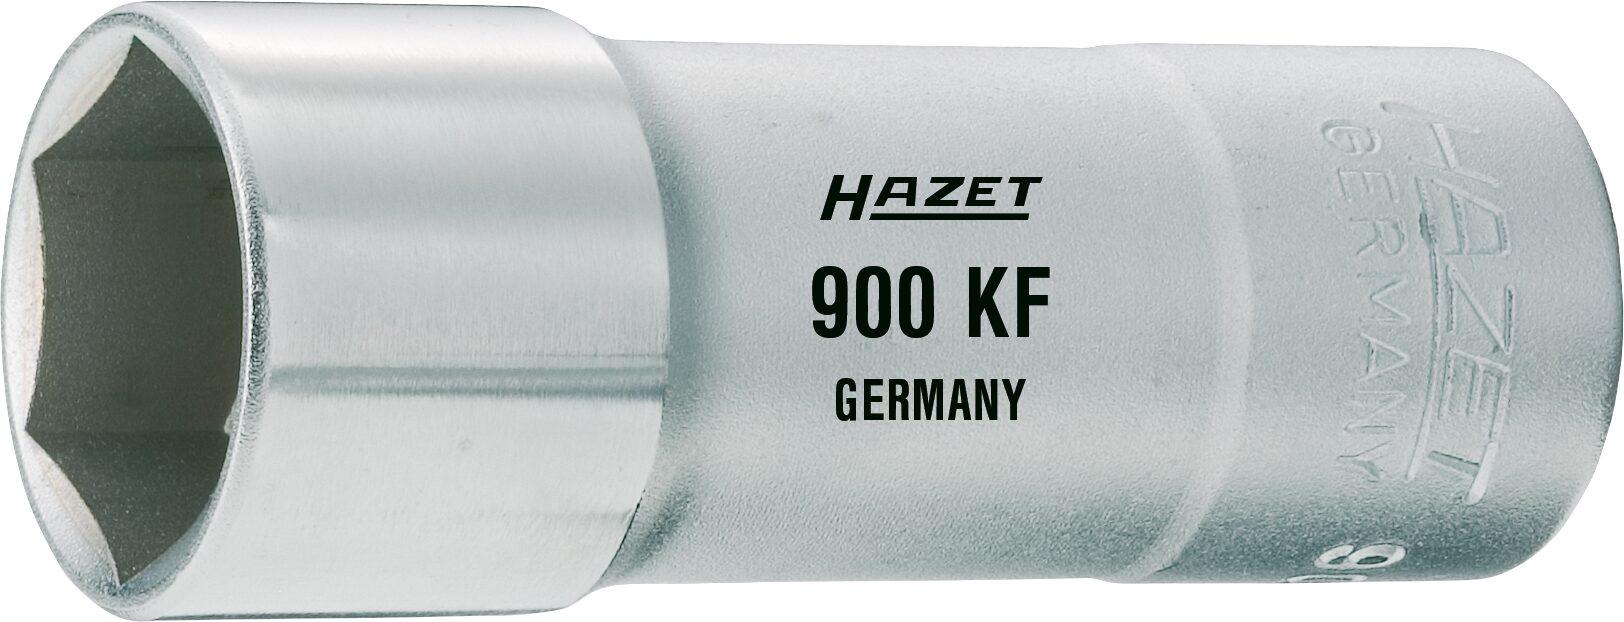 HAZET Zündkerzen Steckschlüsseleinsatz 900KF ∙ Vierkant hohl 12,5 mm (1/2 Zoll) ∙ Außen-Sechskant Profil ∙ 20.8 mm